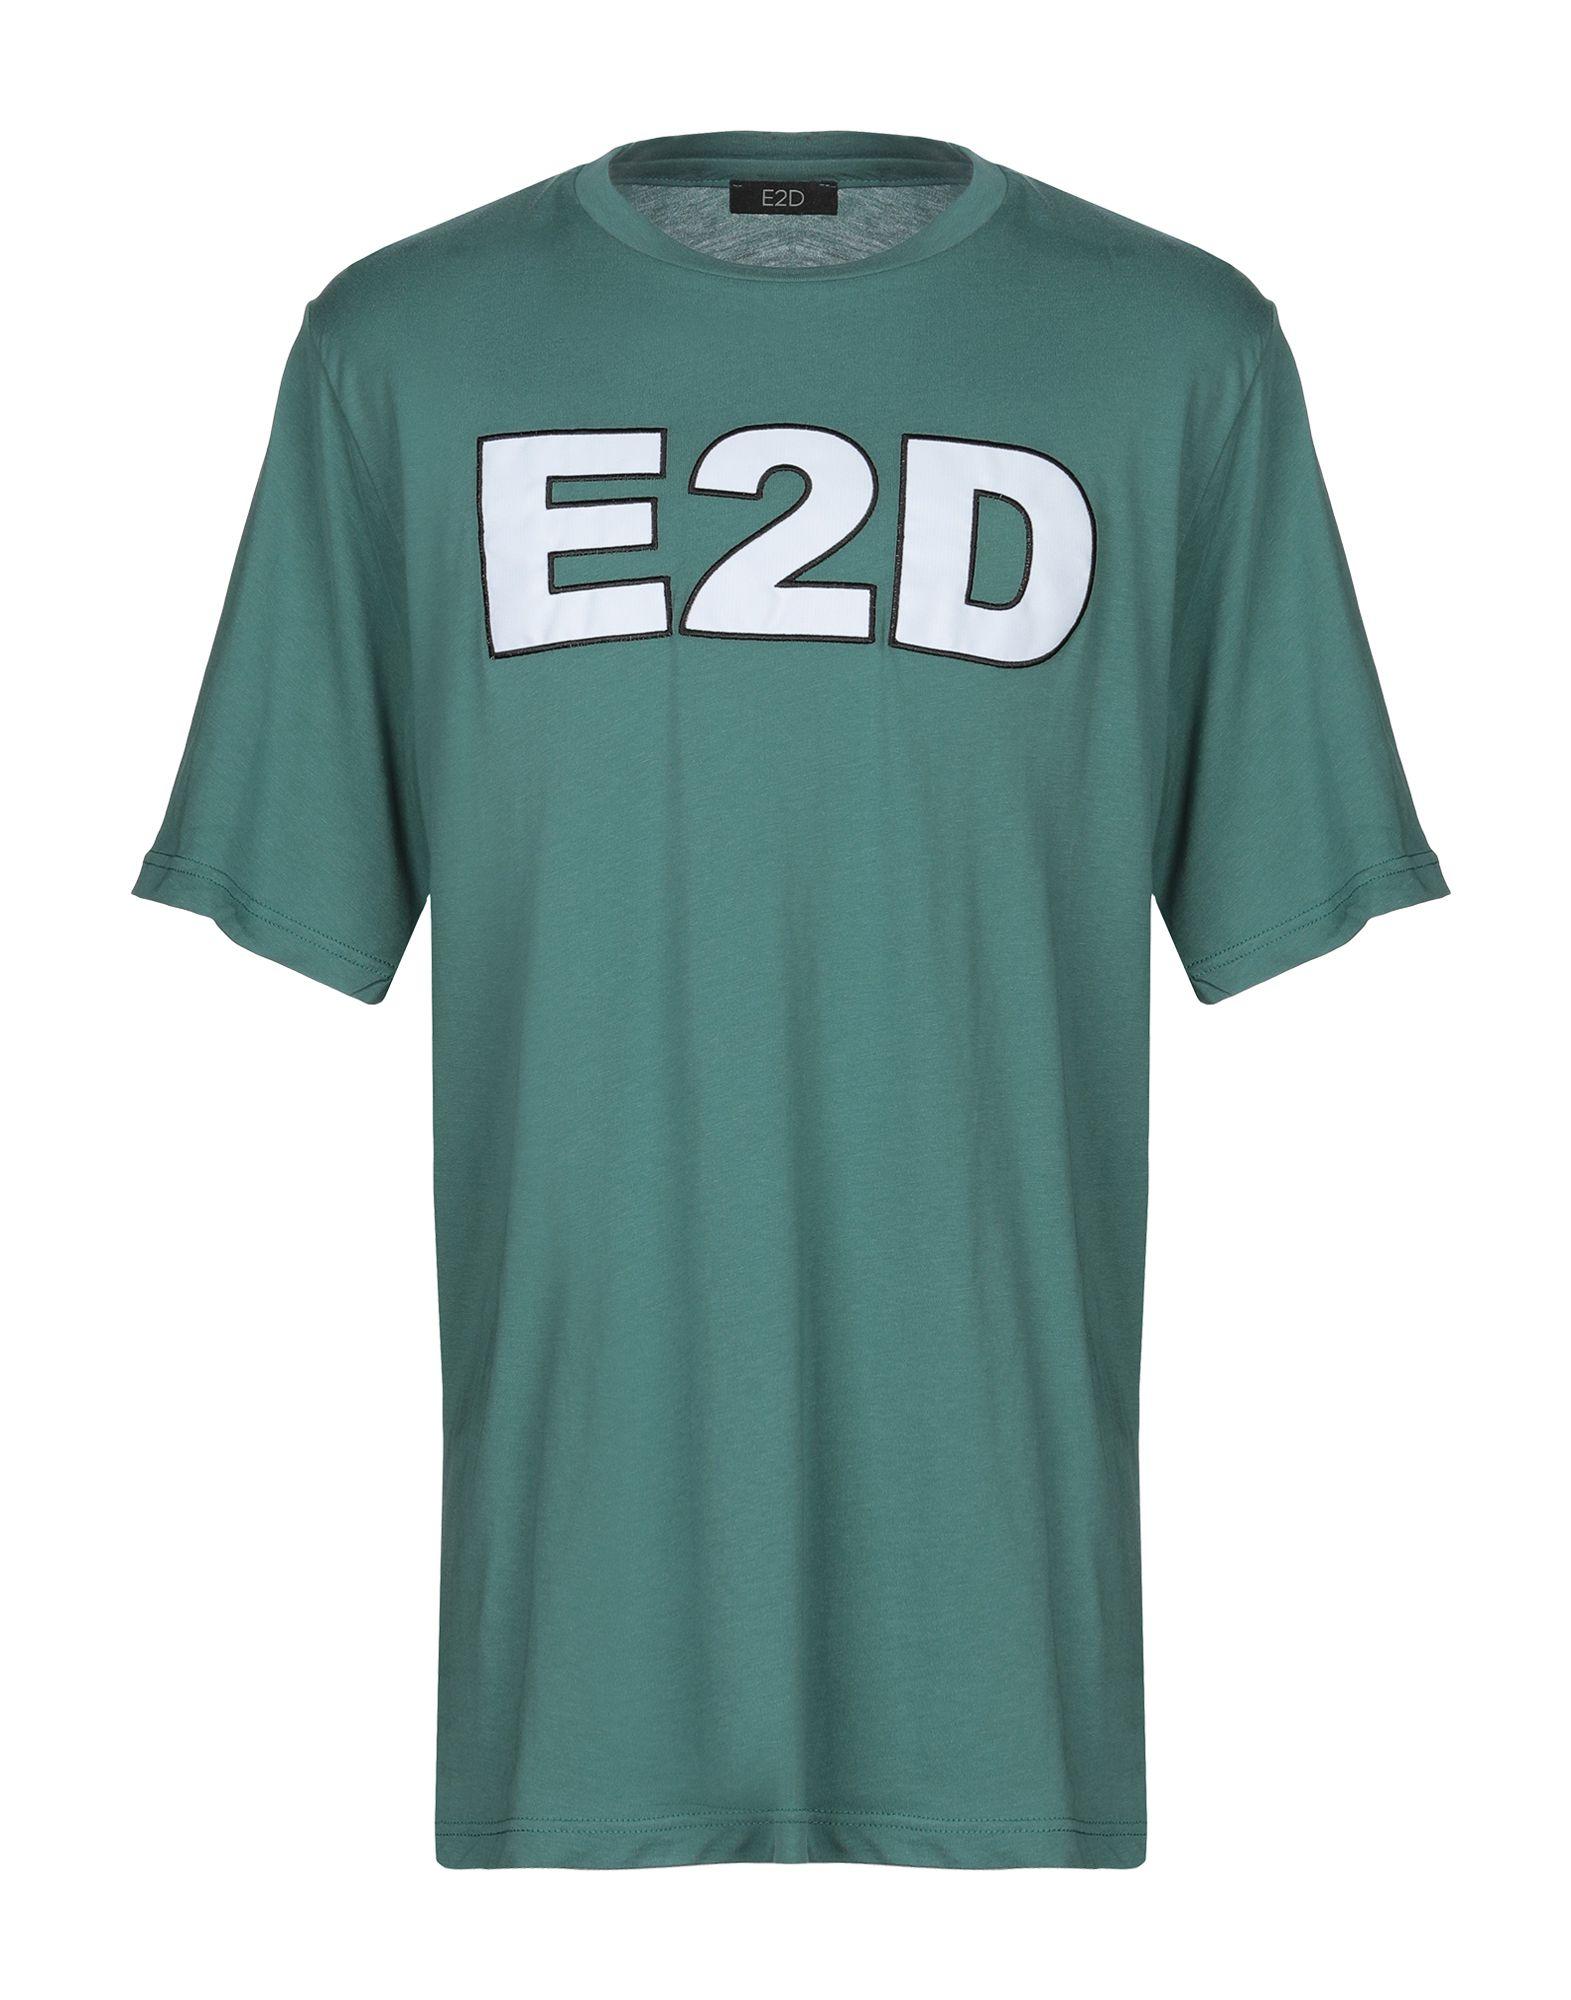 《送料無料》EASY2DRESS メンズ T シャツ グリーン S コットン 100%